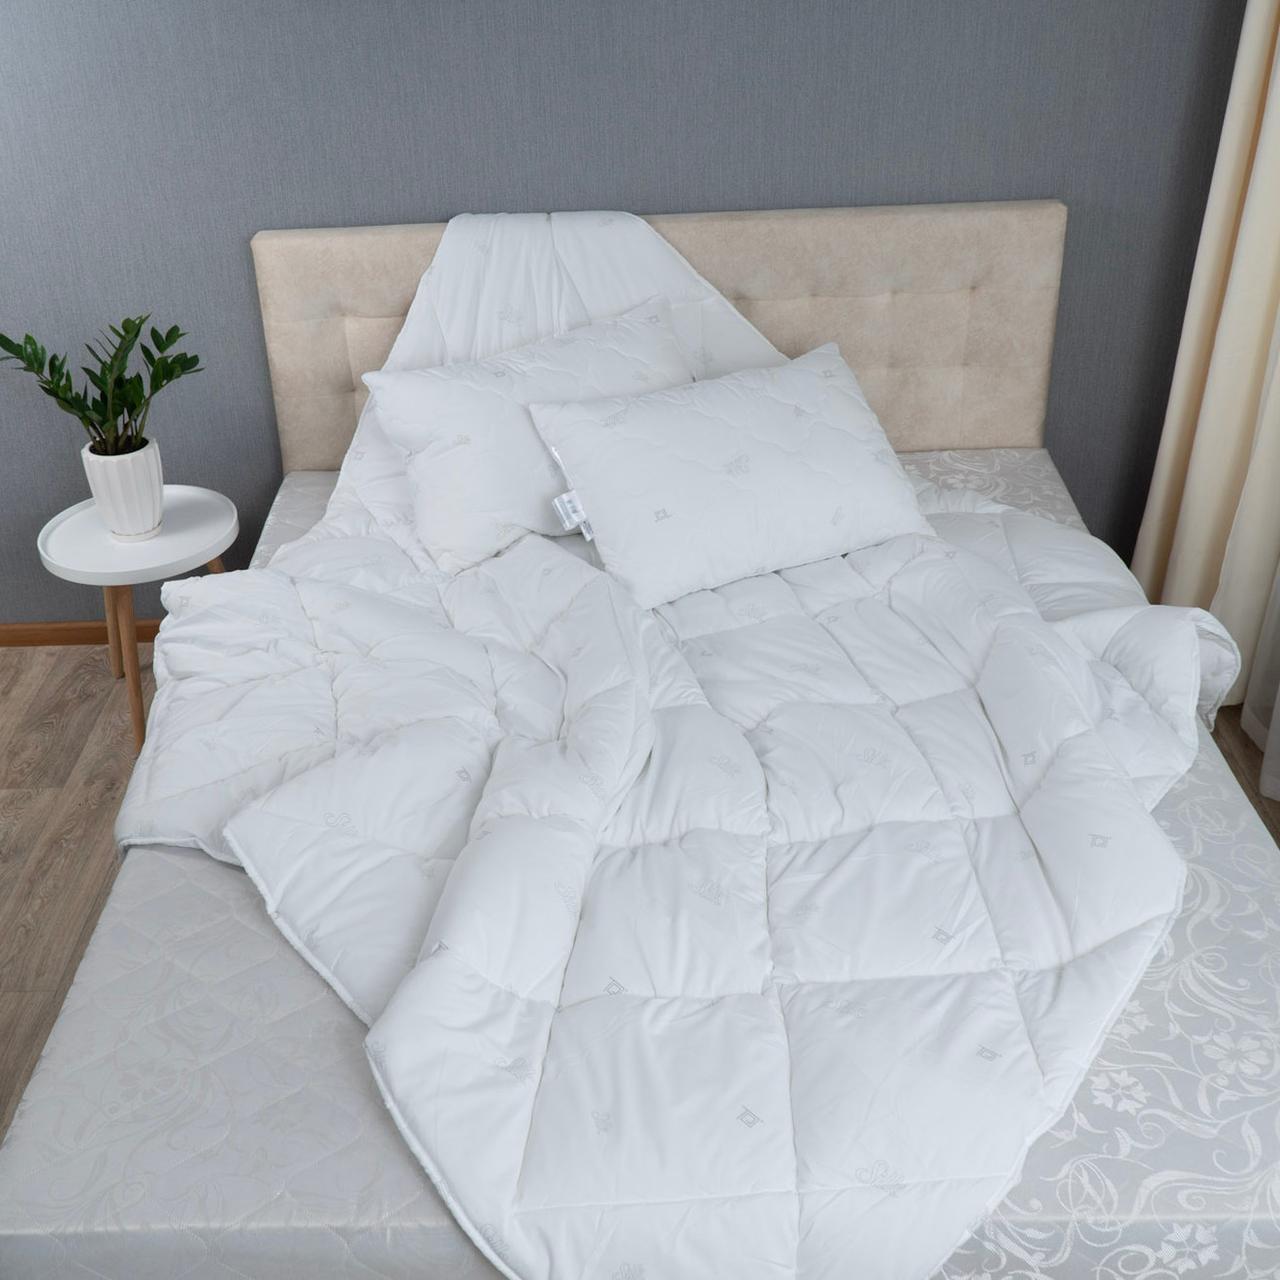 """Комплект ТЕП """"Harmony"""" Silk ковдру + подушки 50х70 см"""